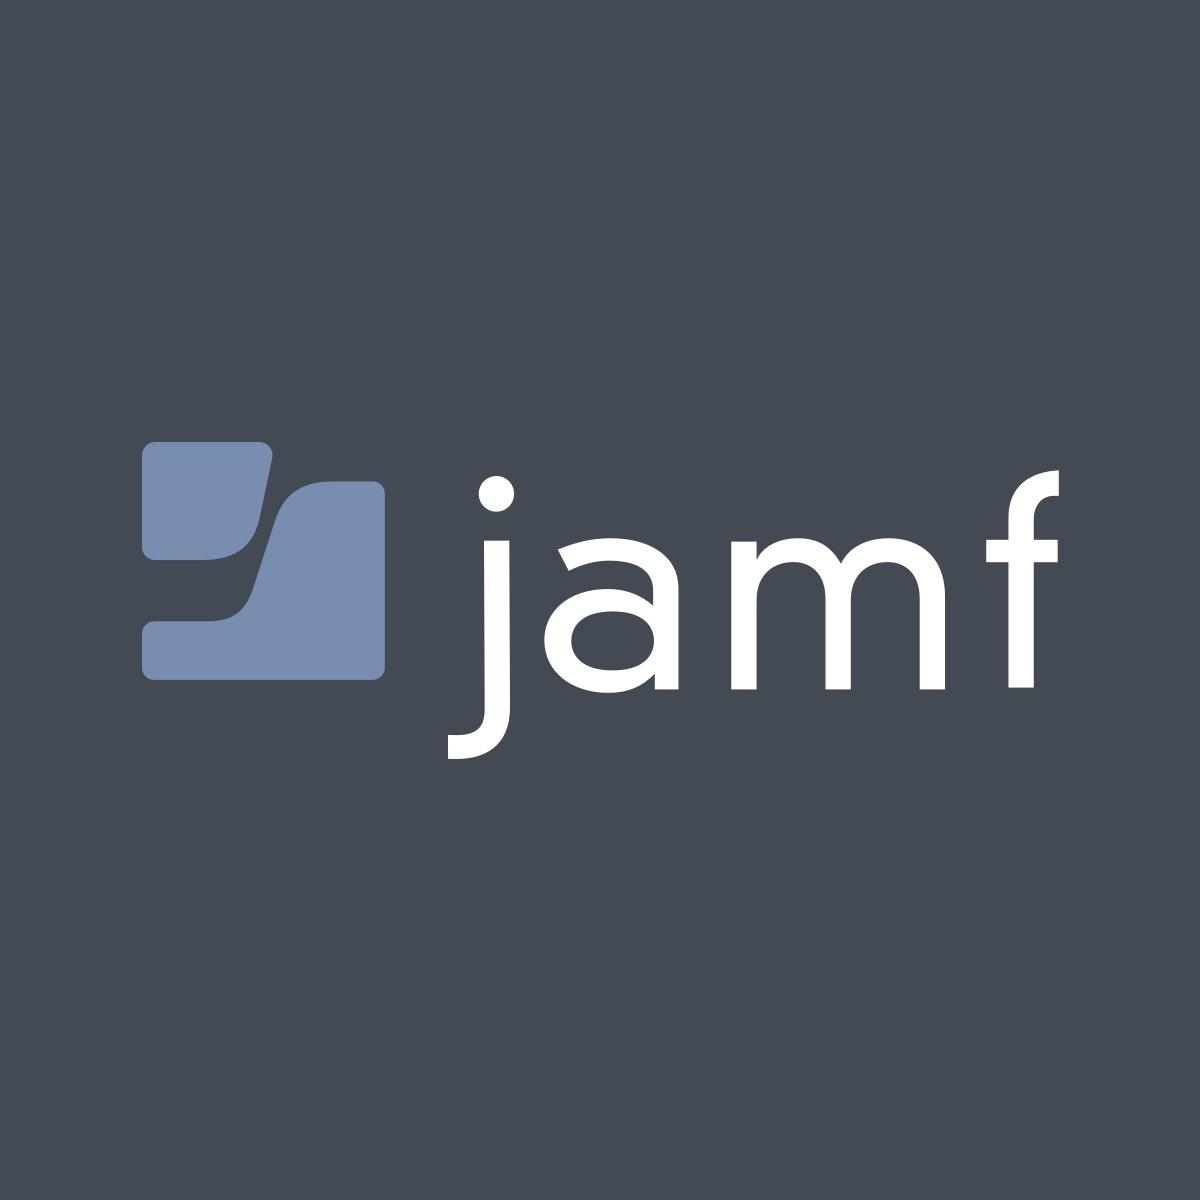 jamf-og-image 3